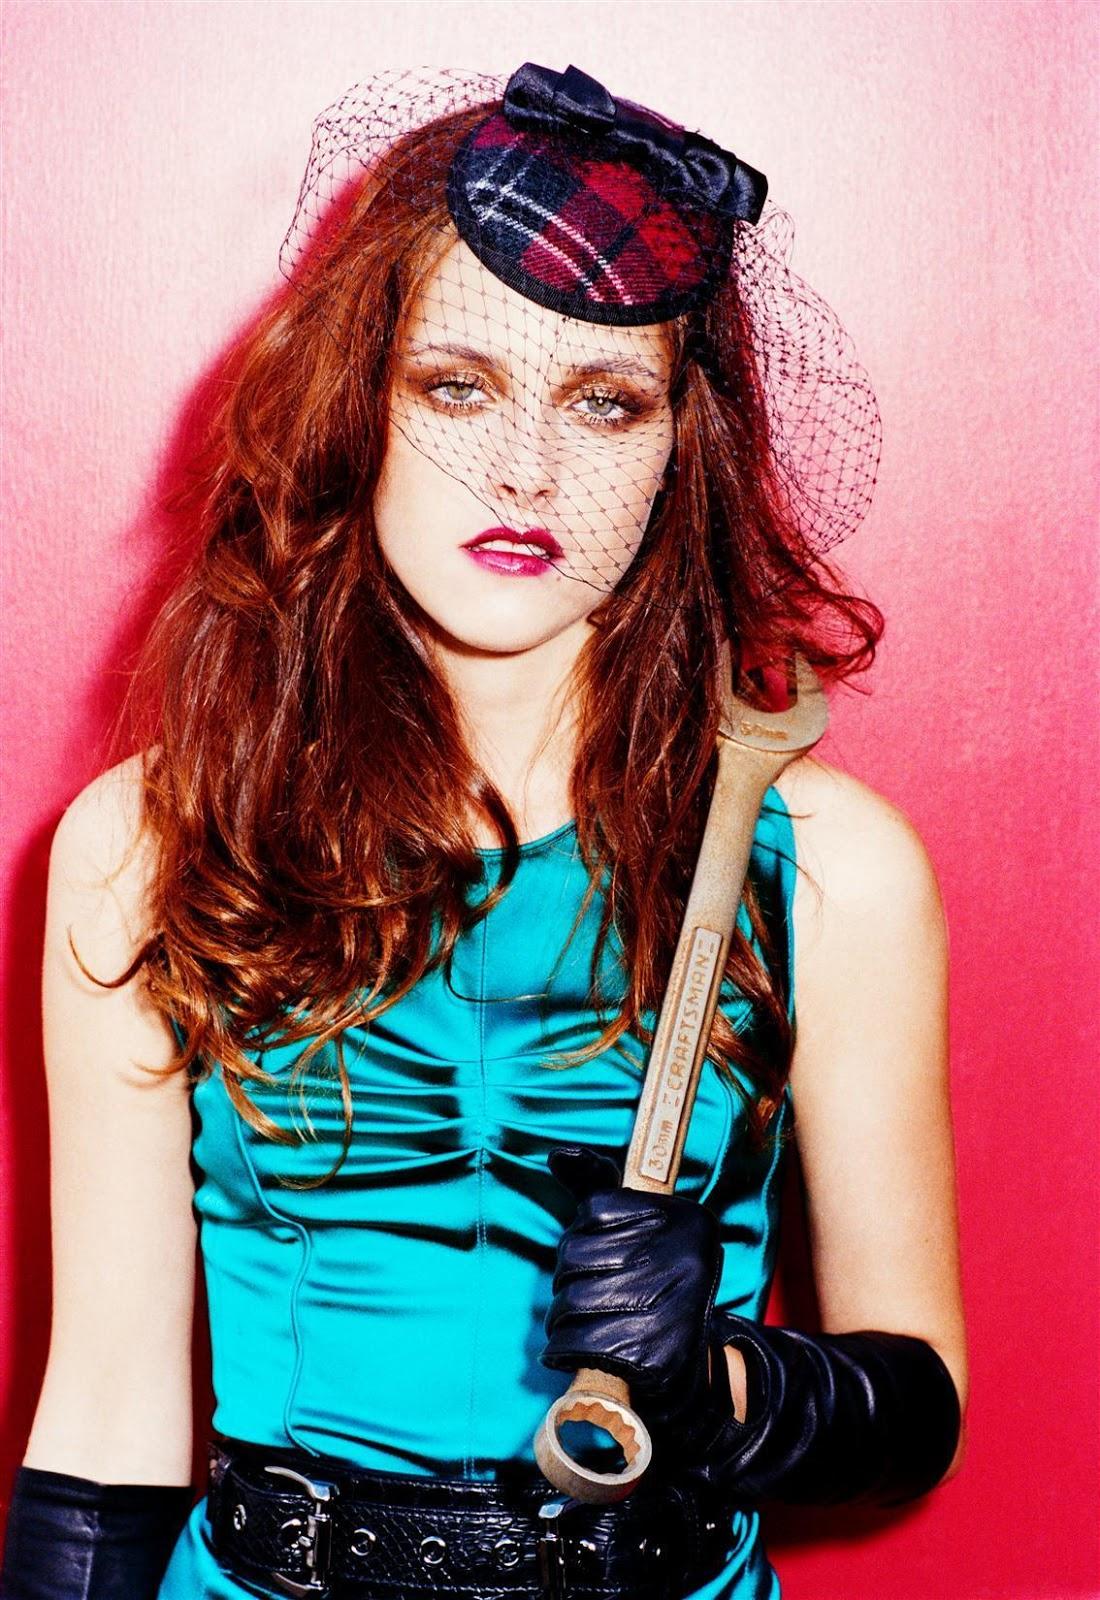 http://4.bp.blogspot.com/-UzPVyVhfc-s/UWIsXOiFsFI/AAAAAAAAPDs/6XjxaovNPgg/s1600/Kristen-Stewart-actresses-2068182-1134-1650.jpg